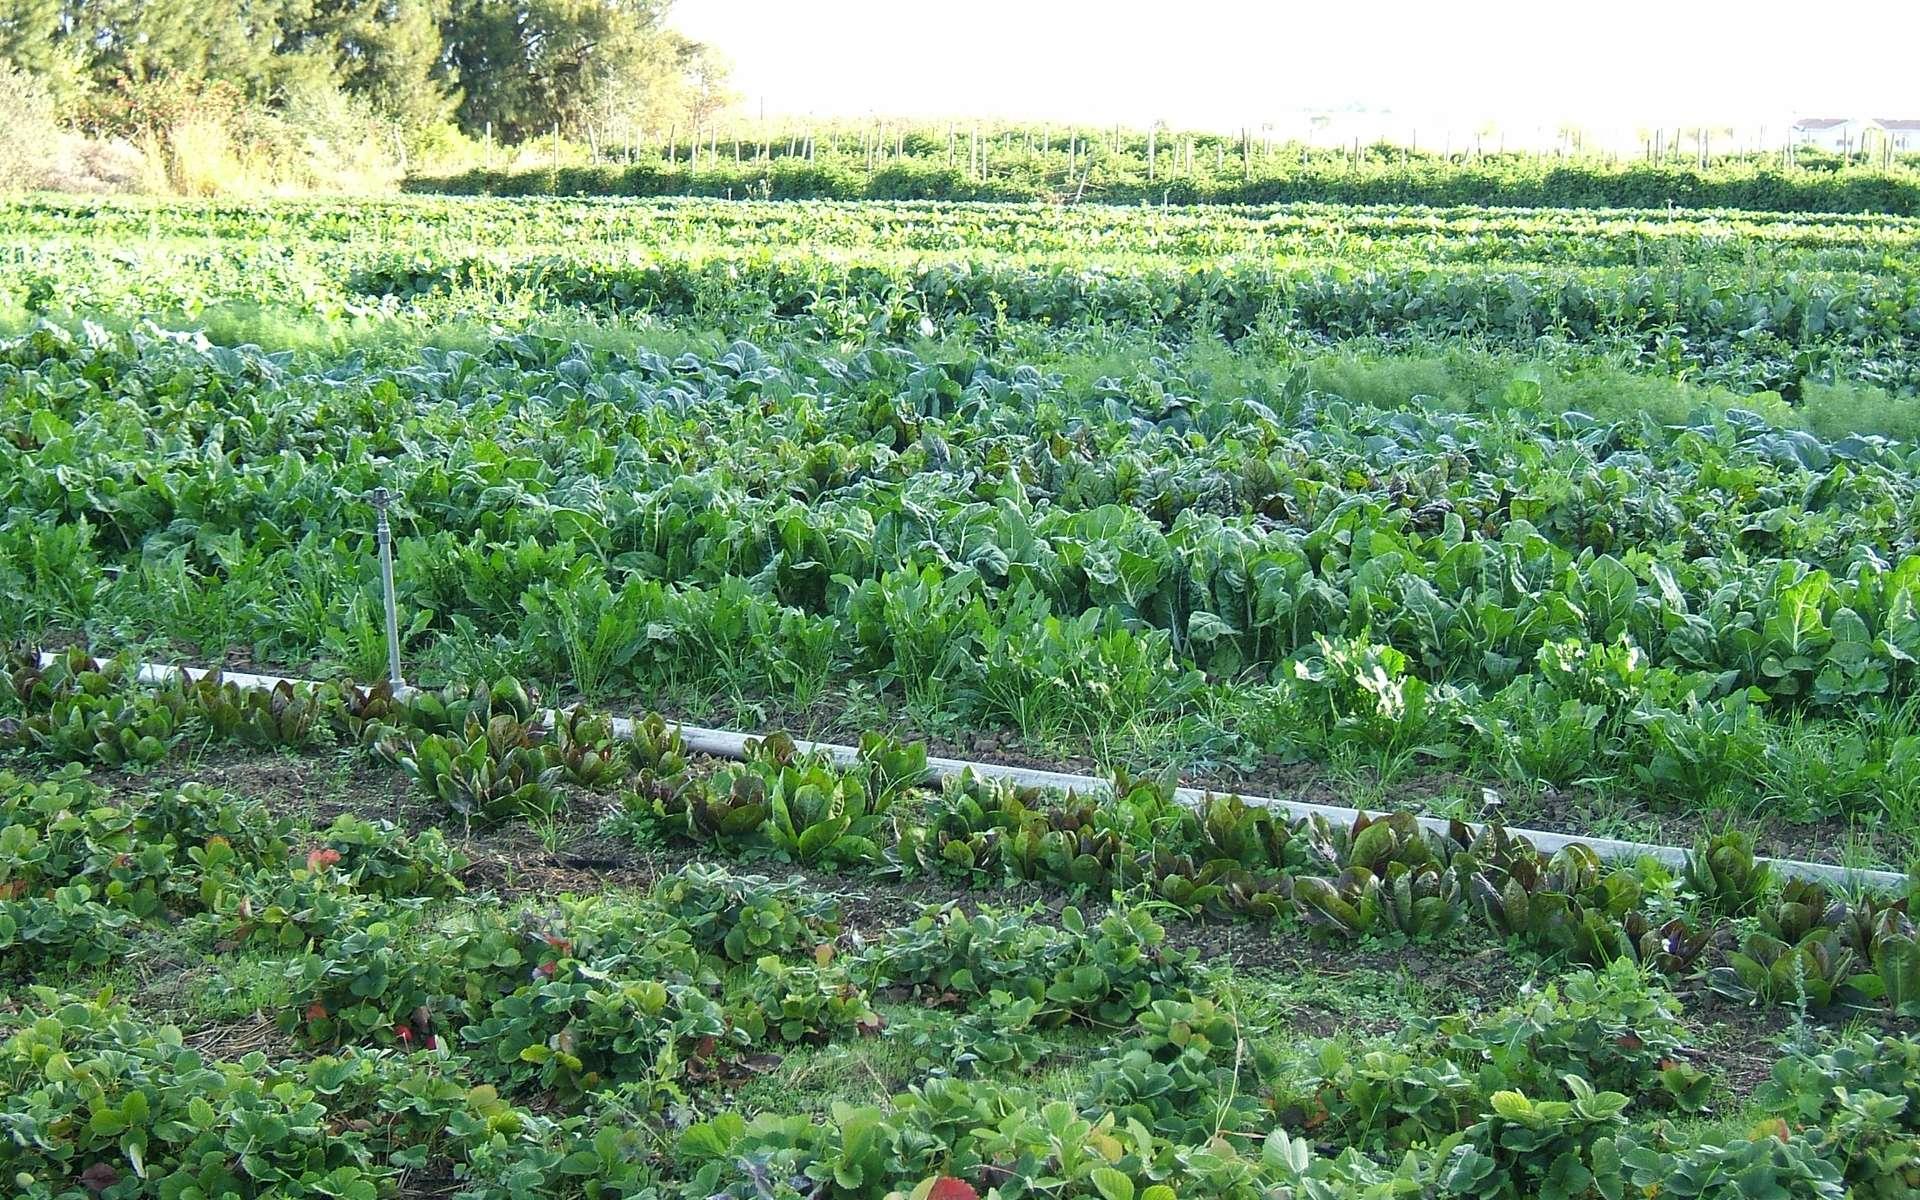 En France, on compte cinq organismes certificateurs : Agrocert, Certipaq, Ecocert, Qualité France et SGS-ICS. Ils peuvent effectuer jusqu'à quatre ou cinq contrôles approfondis et imprévus par an. © Hajhouse, Wikimédia, DP